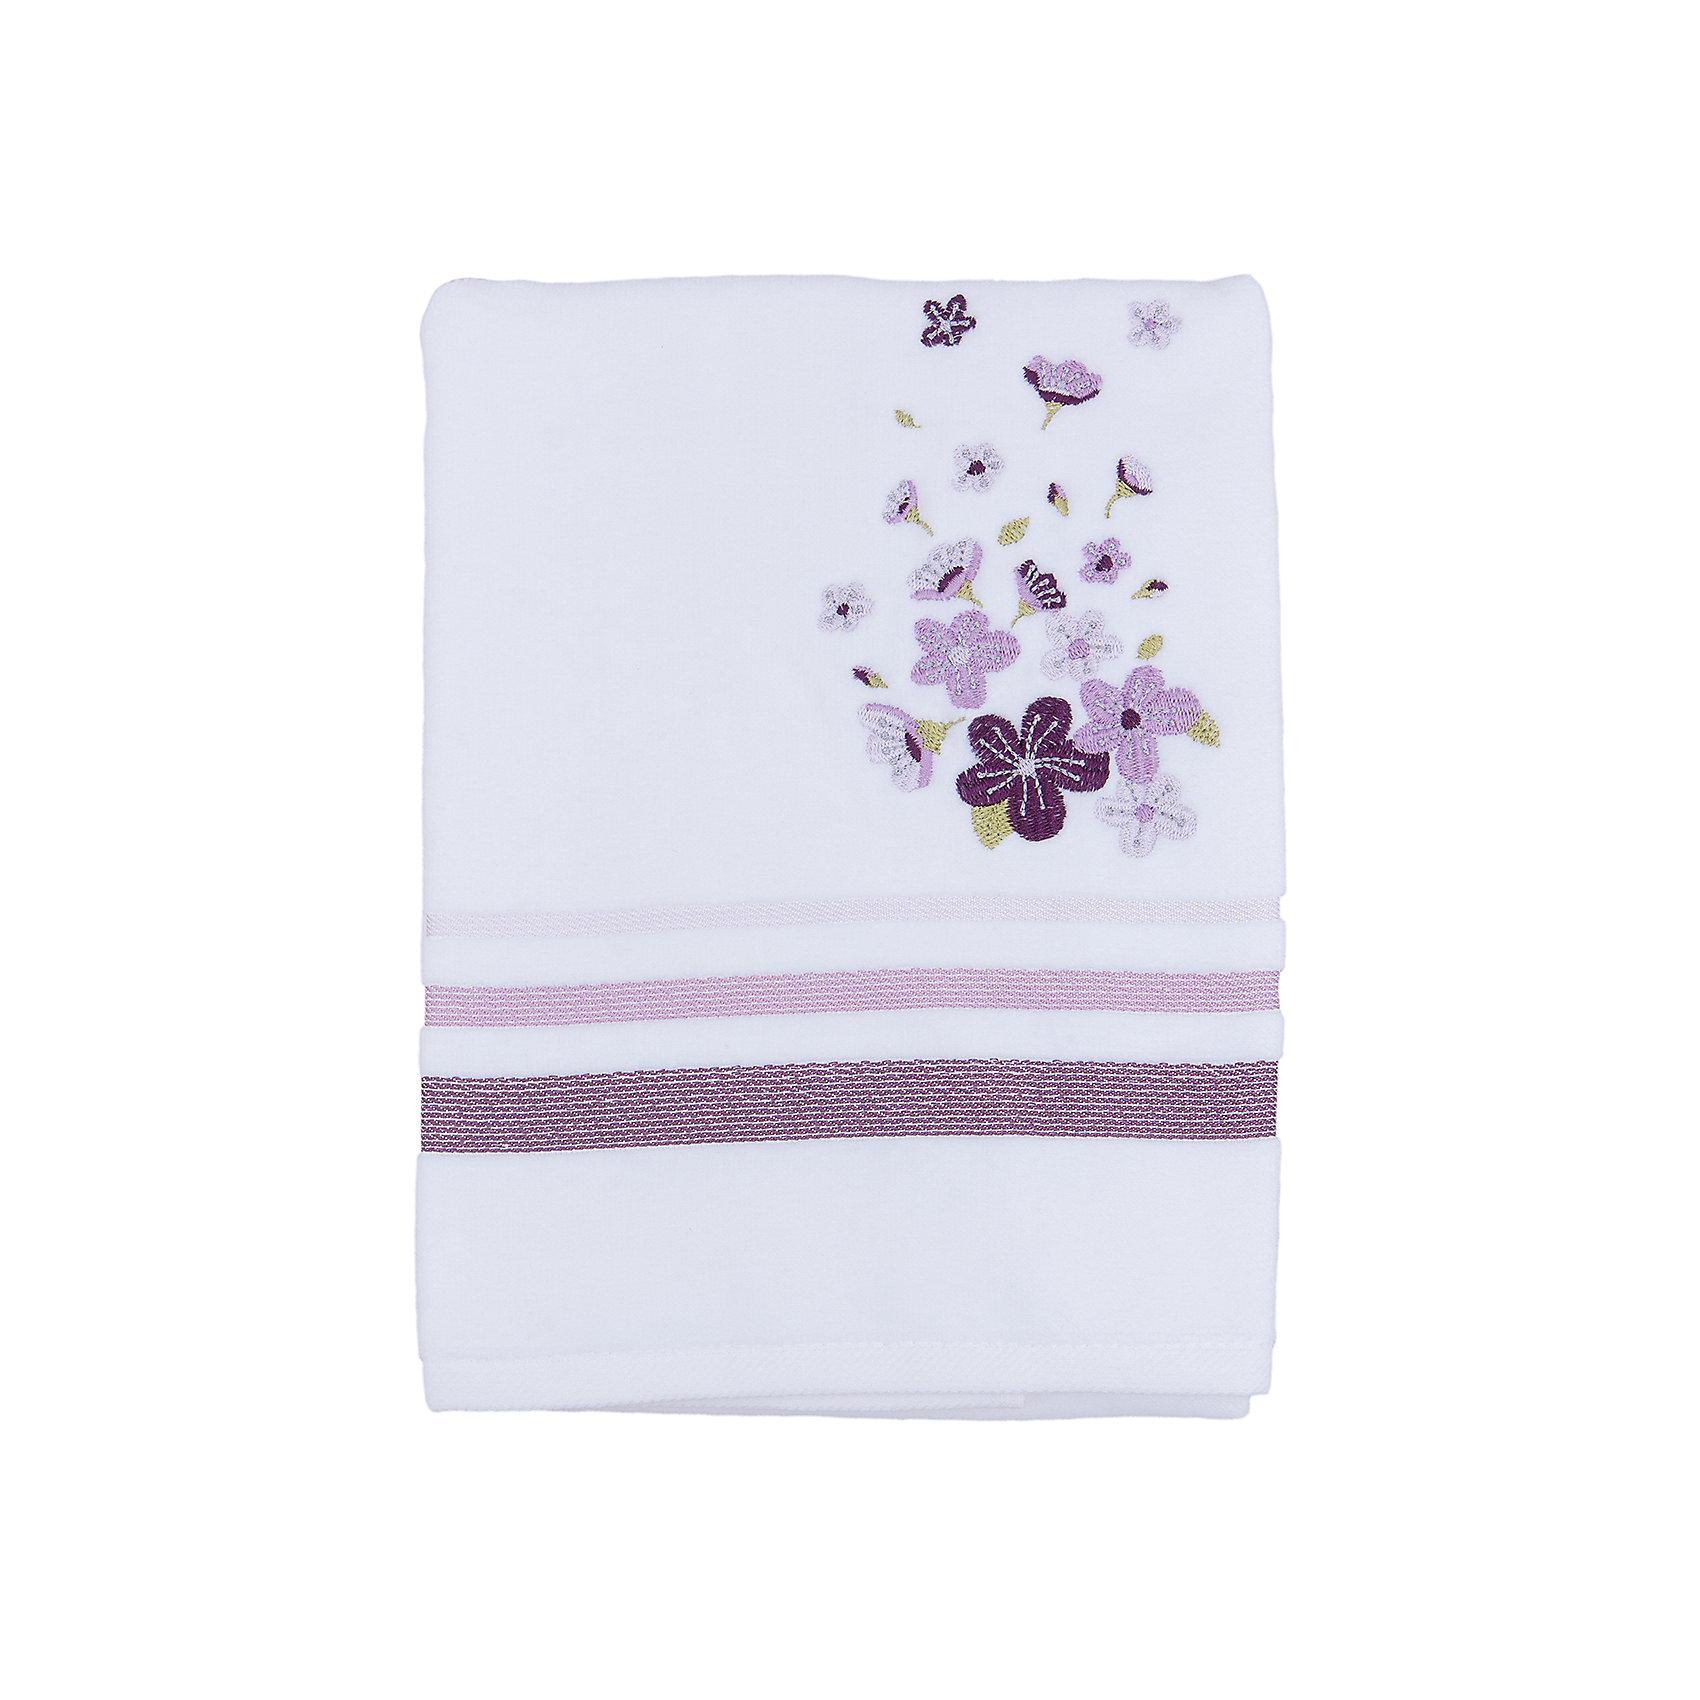 TAC Полотенце подарочное ADELIA махровое 50*90, TAC, сиреневый tac полотенце bloom махровое 50 90 бамбук tac сиреневый